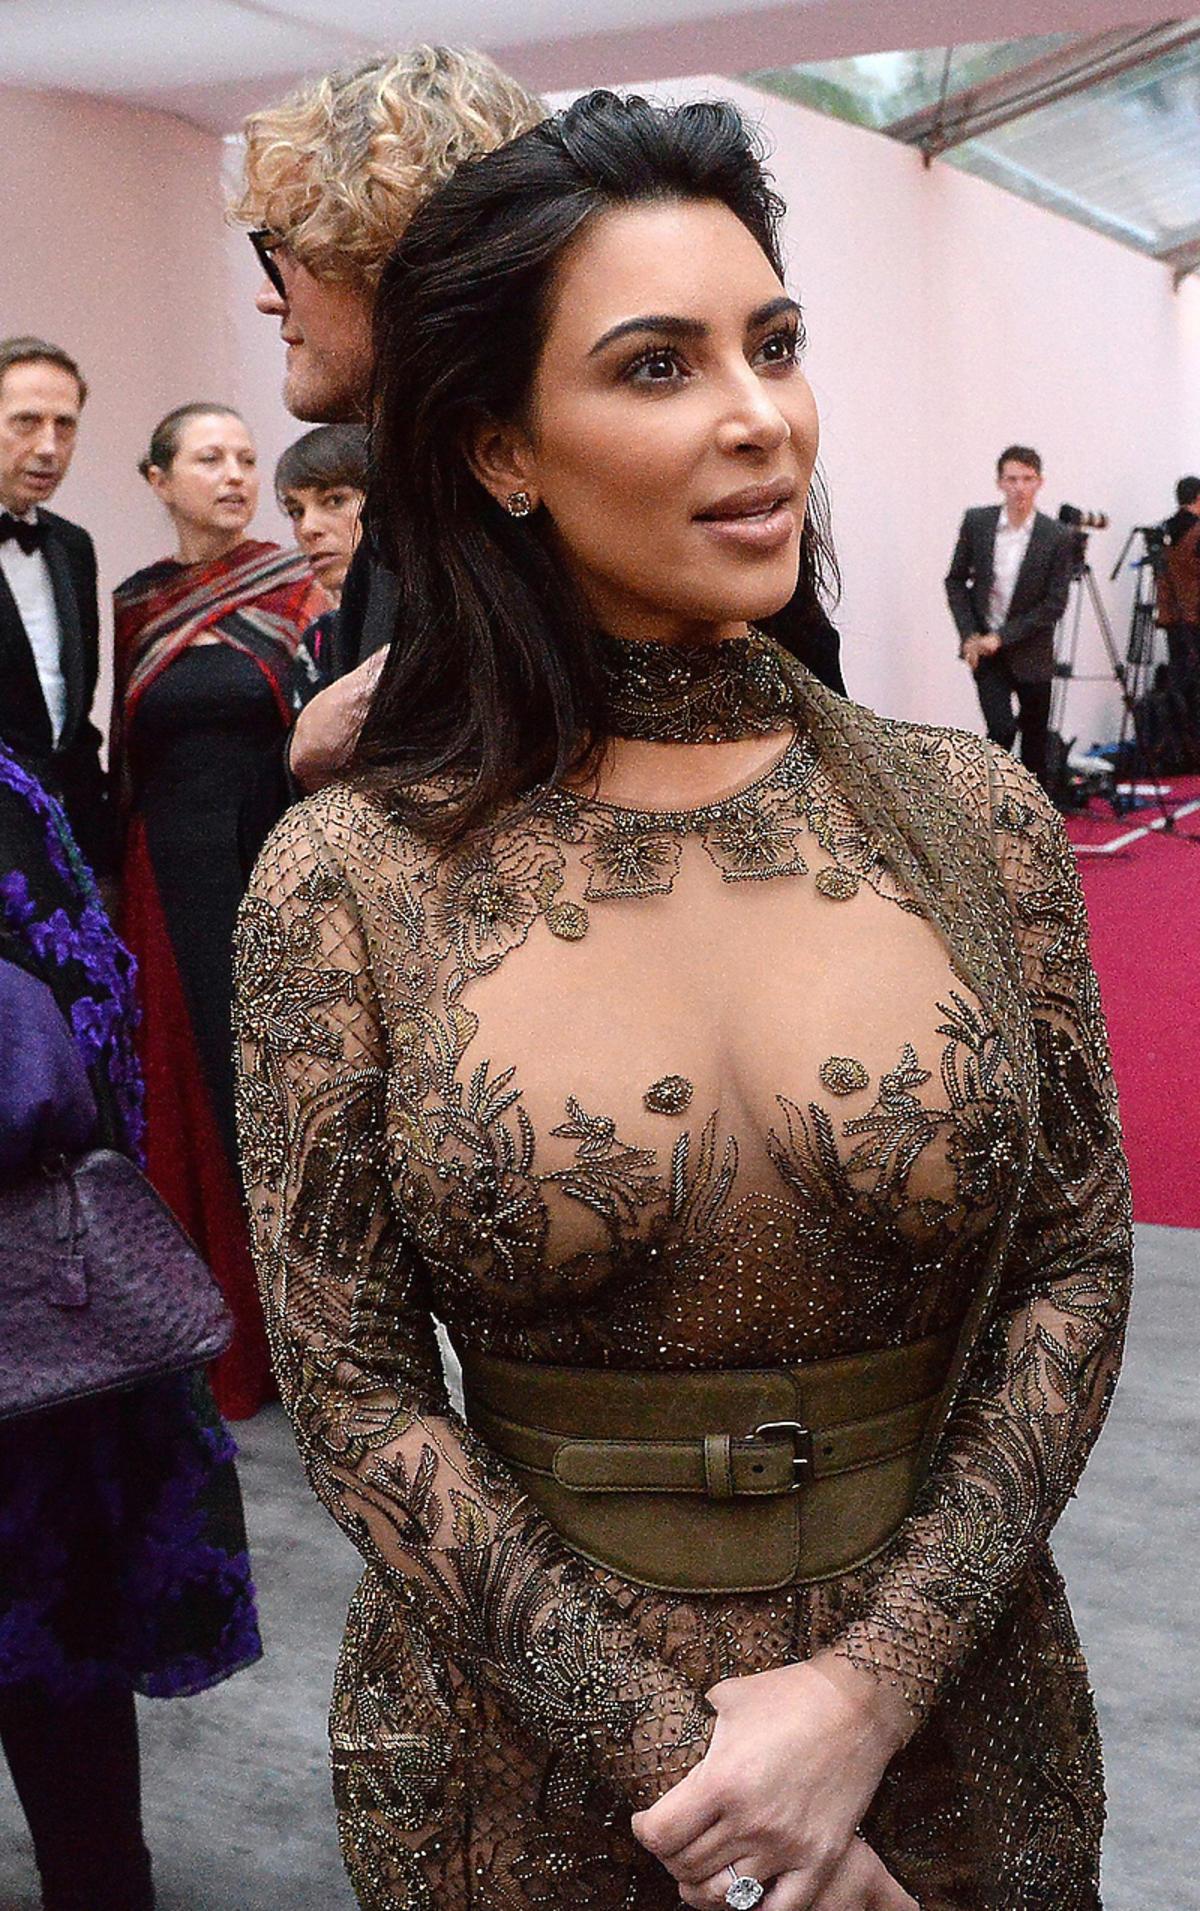 Odważna stylizacja seksownej Kim Kardashian na imprezie brytyjskiego